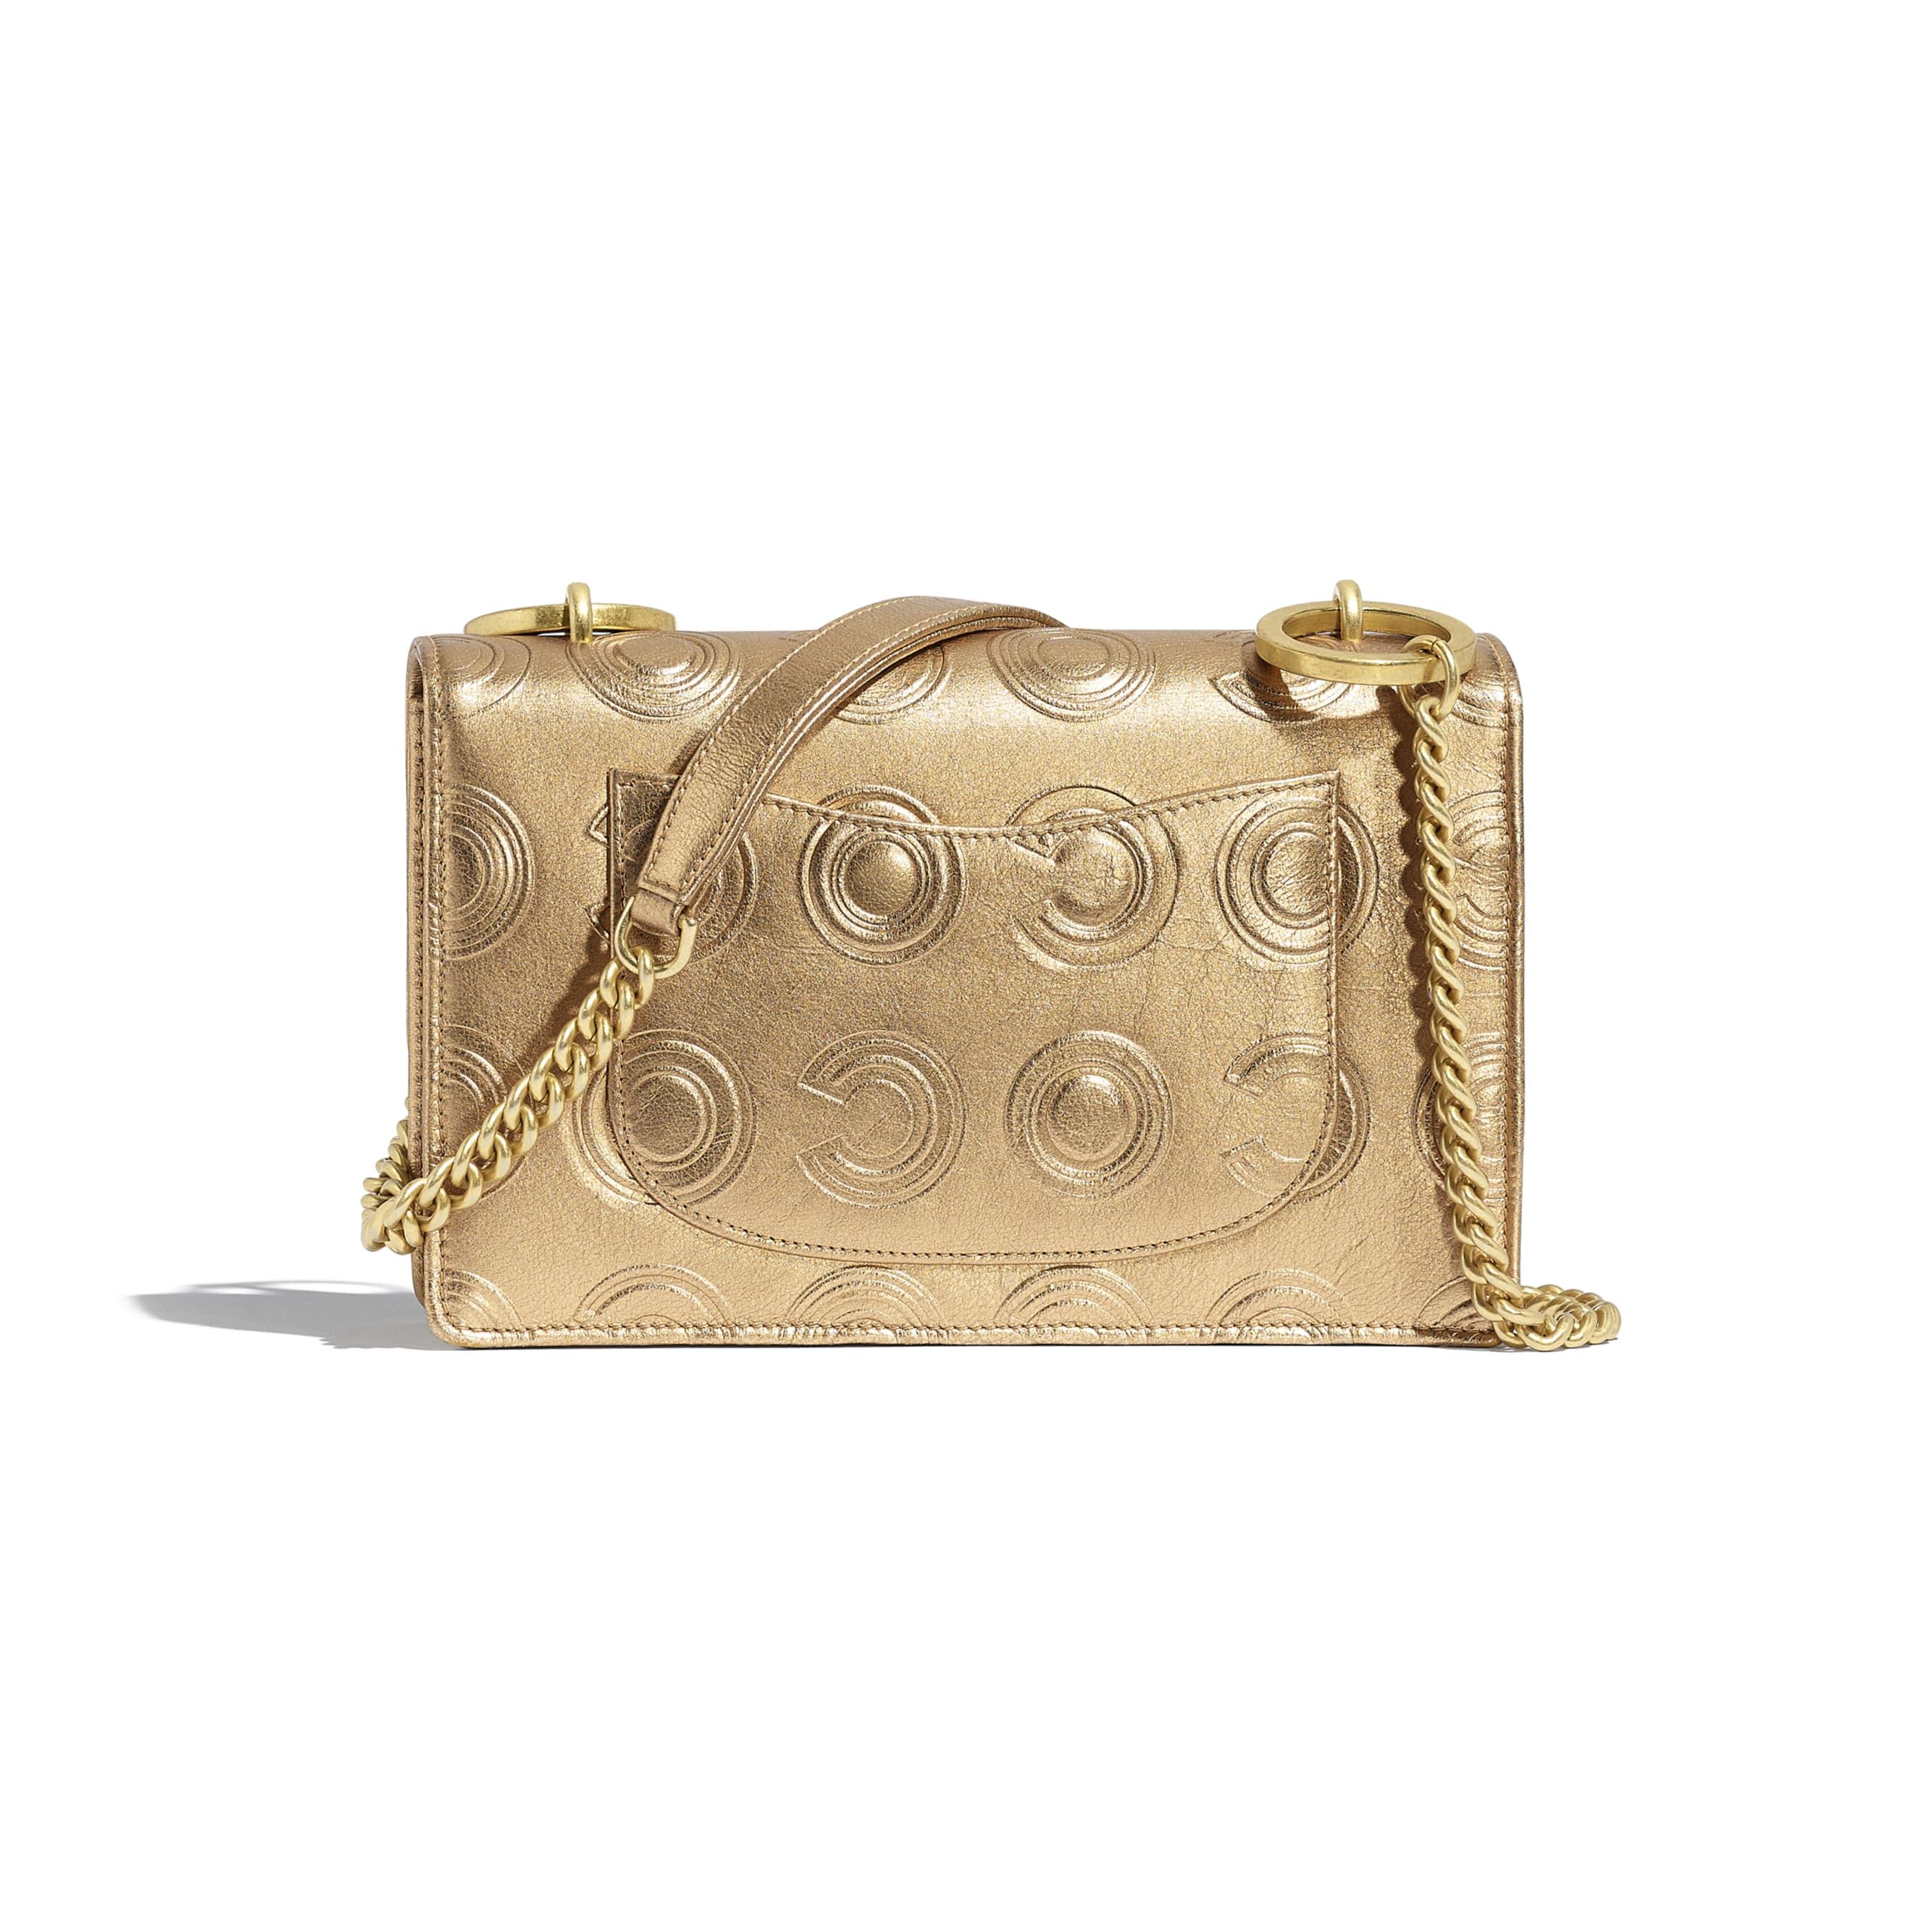 Сумка-конверт - Золотистый - Металлизированная кожа теленка и золотистый металл - Альтернативный вид - посмотреть изображение стандартного размера